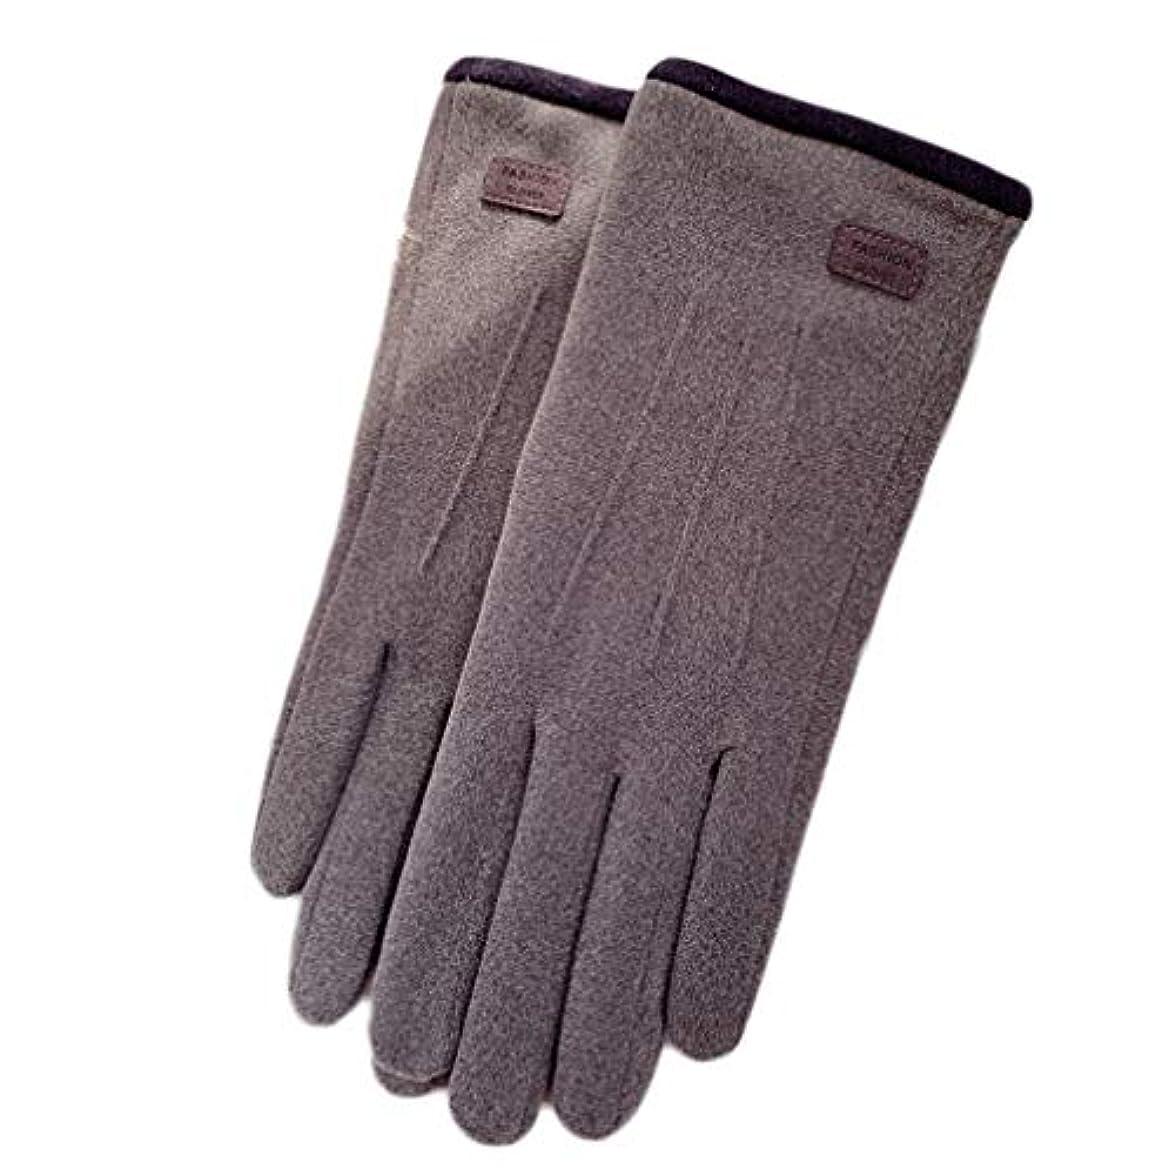 暴君禁じる陰謀冬の手袋 耐寒性 温熱 フリース絶縁 ラムウール ハンズウォーマー 女性と男性用